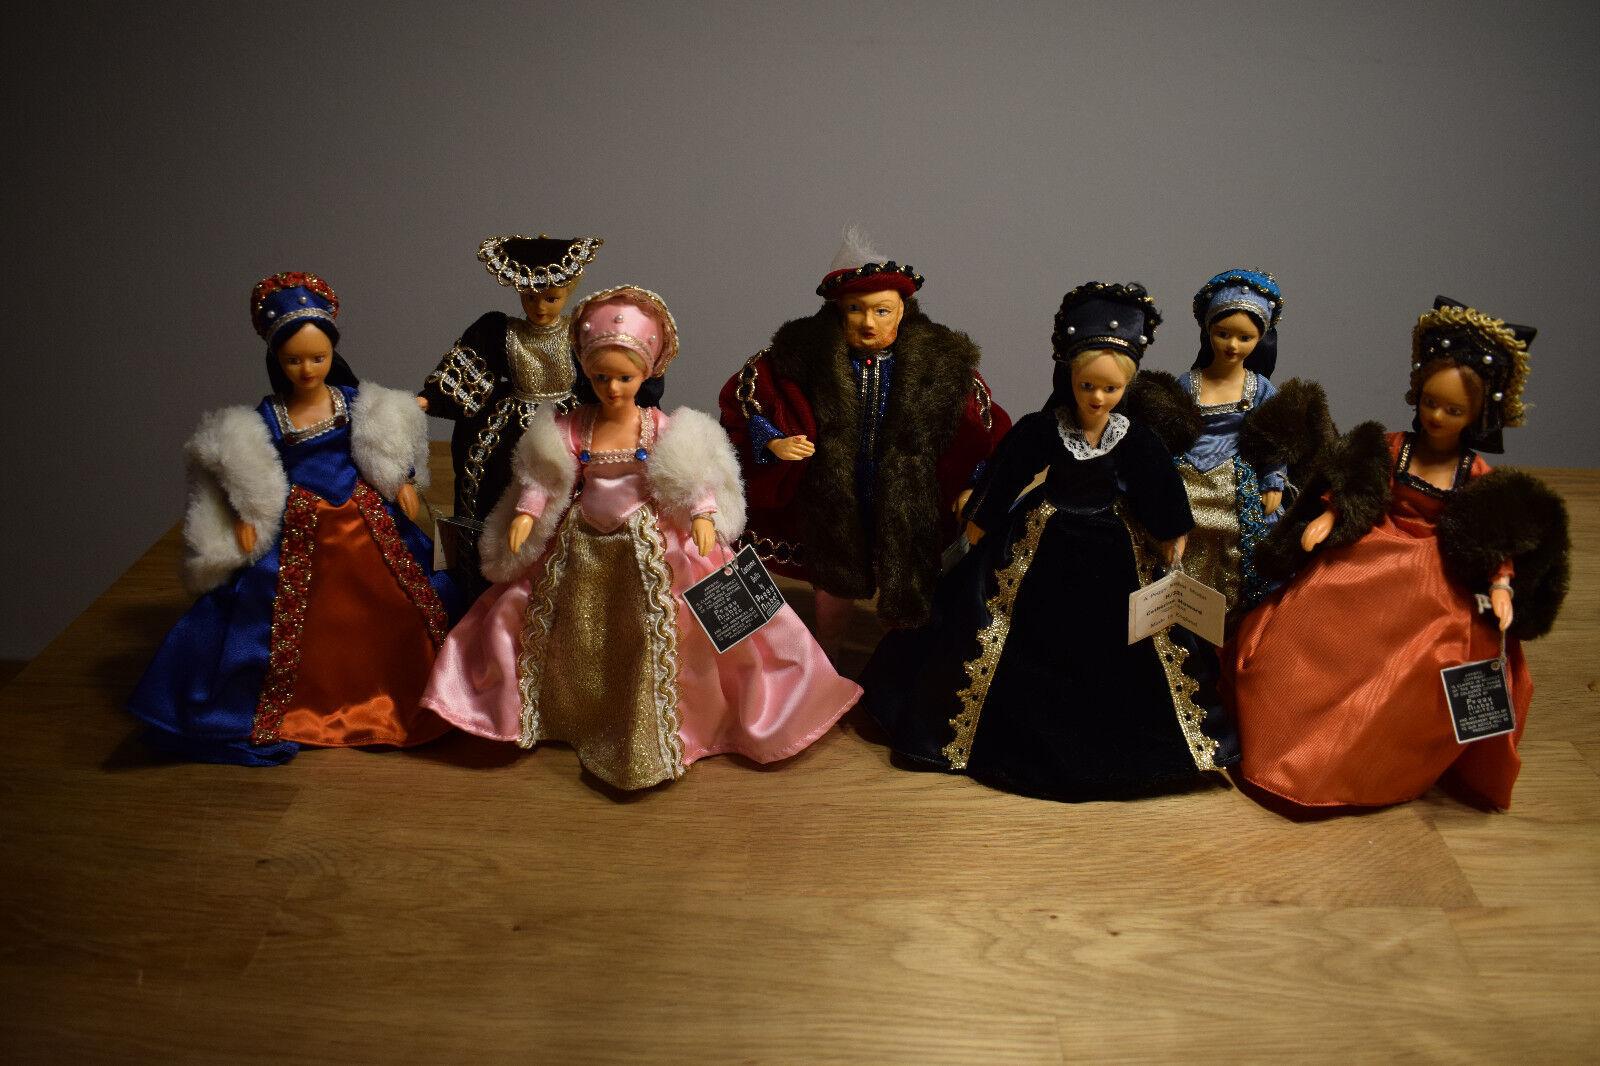 Peggy Nisbet Dolls Puppen King Henry VIII mit seinen 6 6 6 Ehefrauen 4965a3